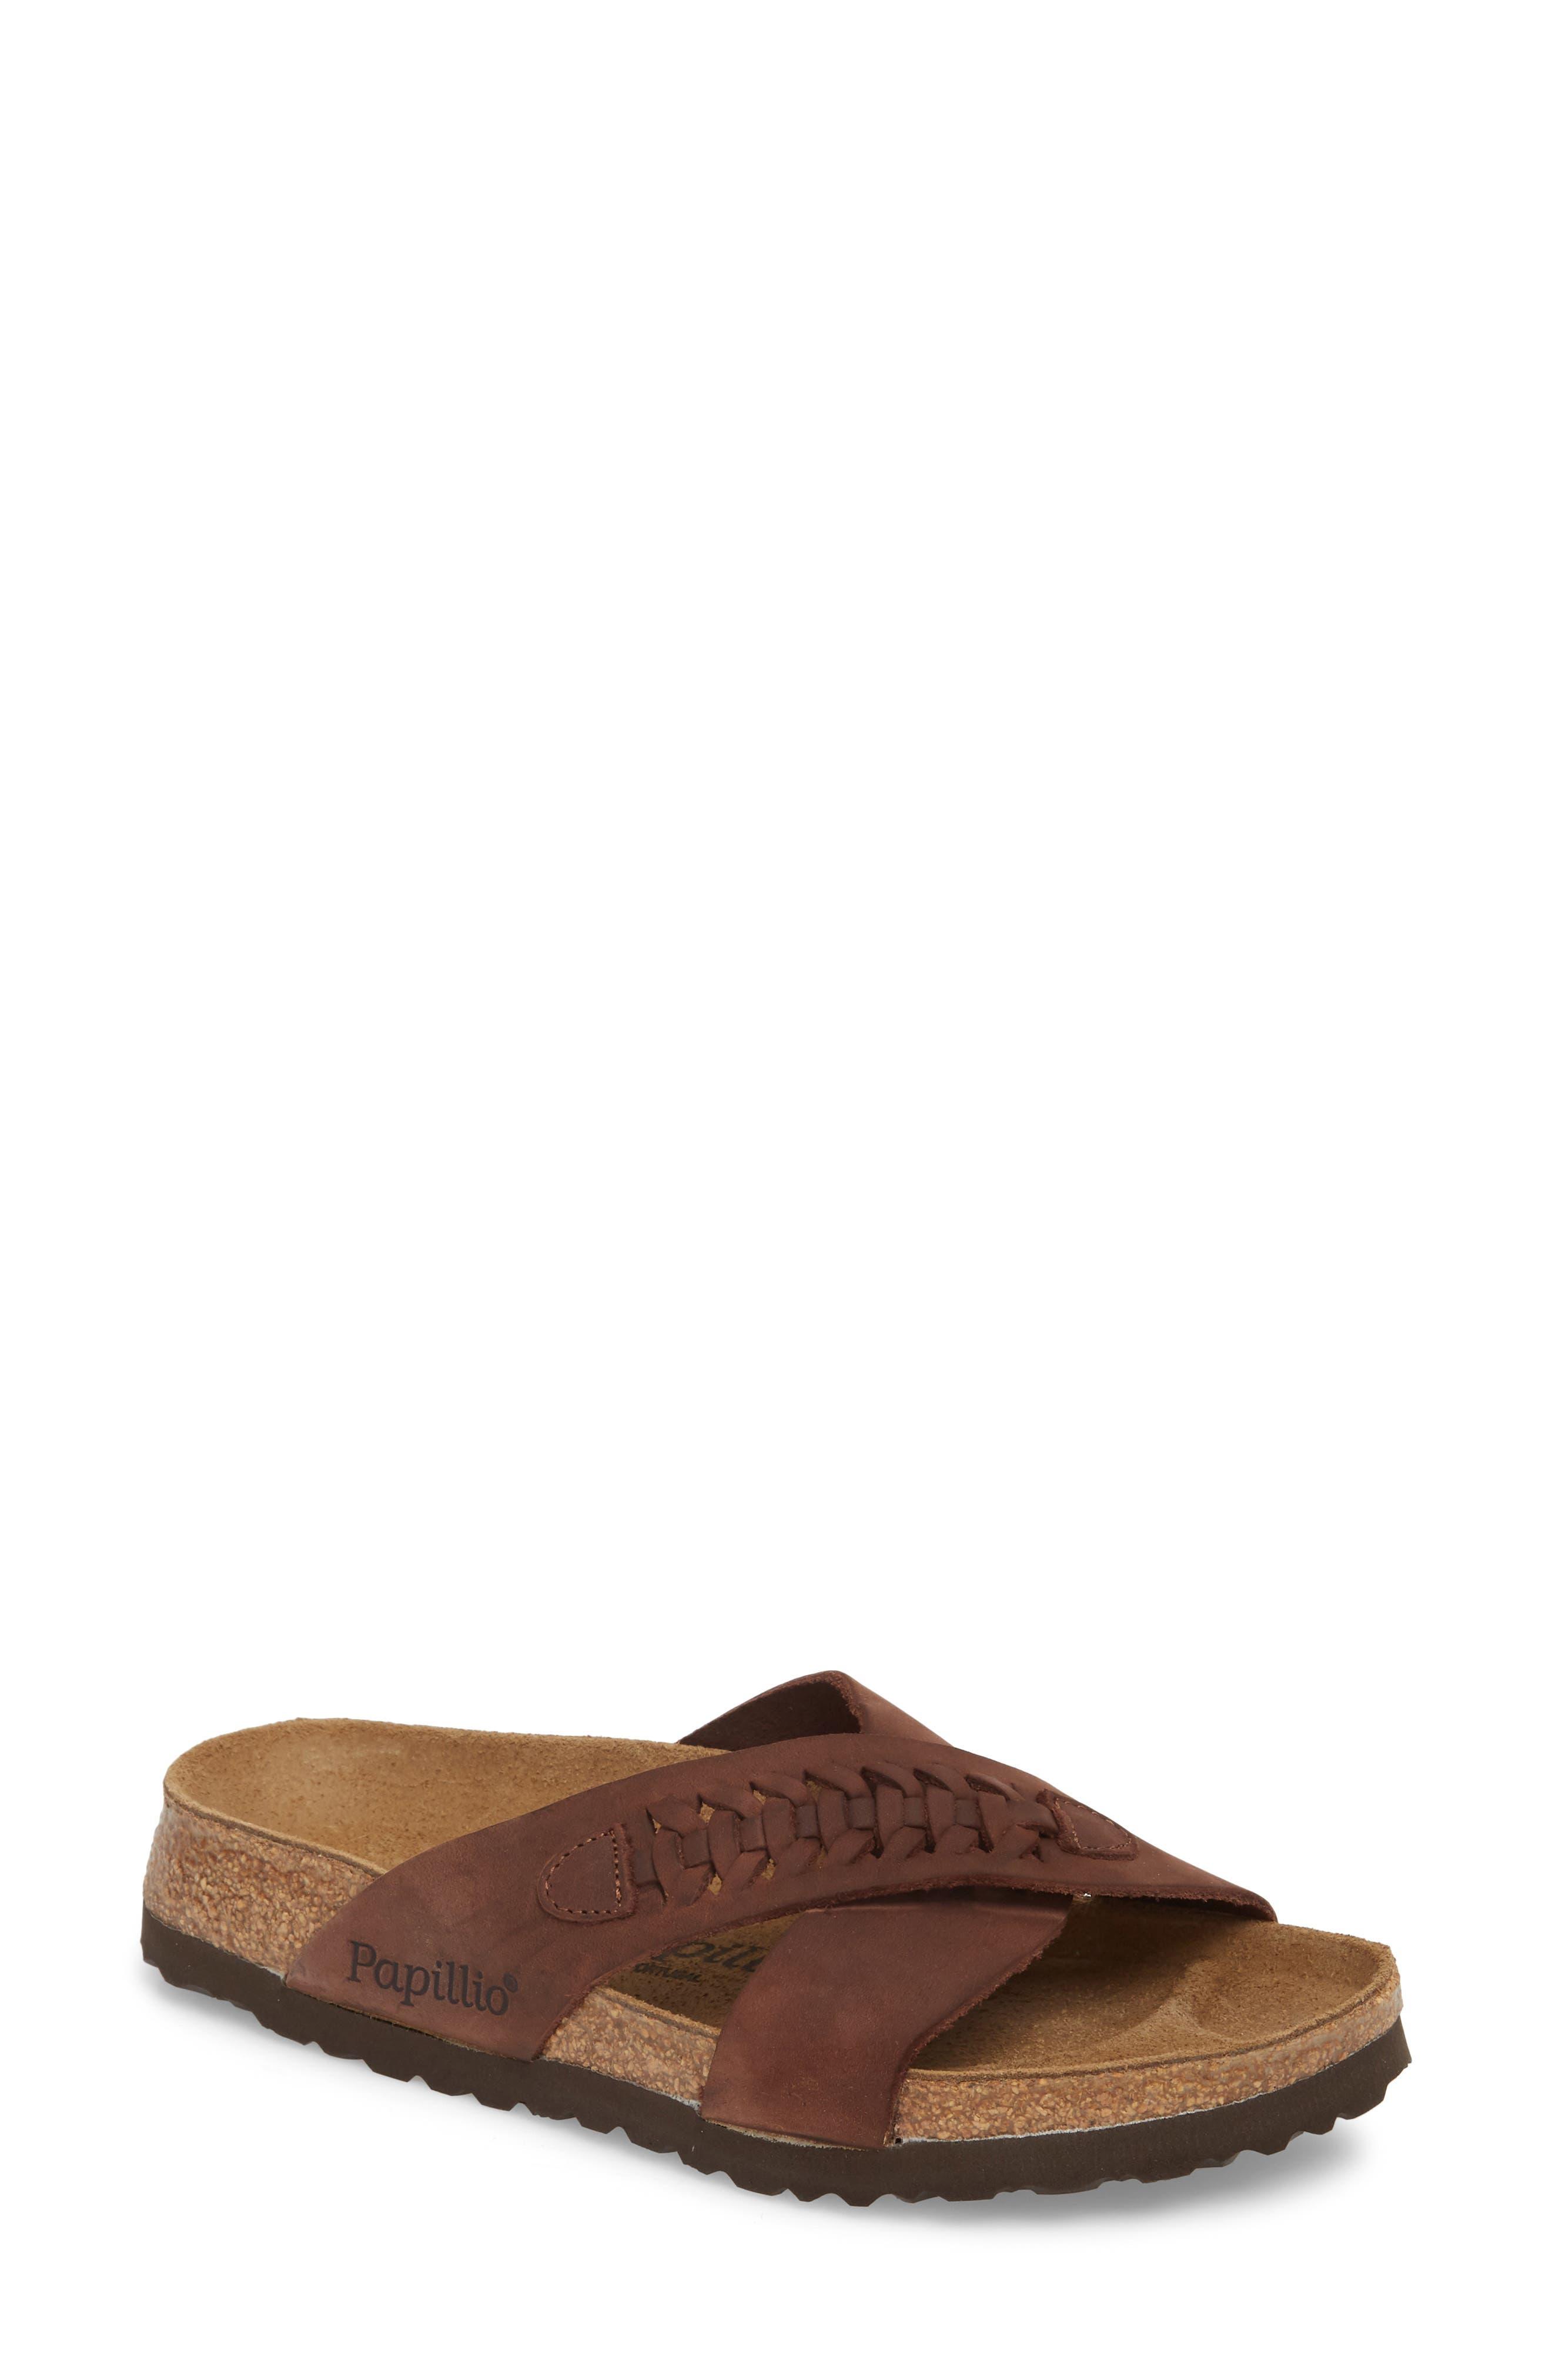 Papillio by Birkenstock Daytona Slide Sandal (Women)